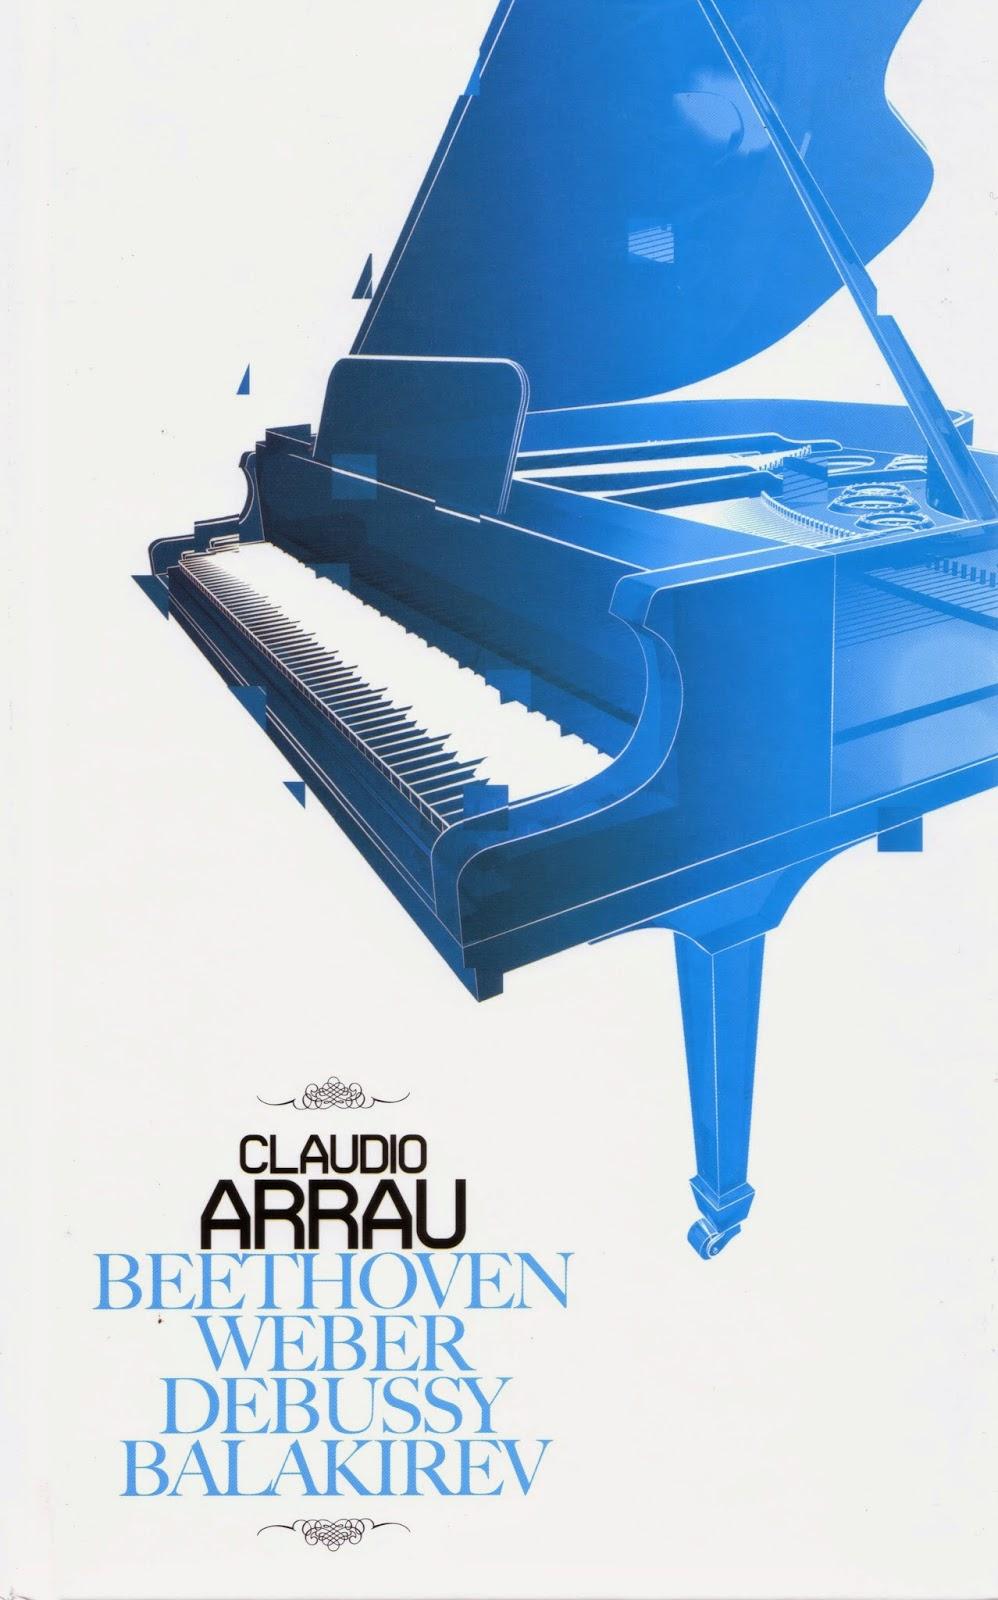 Imagen de Colección Los Genios del Piano-07-Claudio Arrau & Beethoven, Weber, Debussy y Balakirev